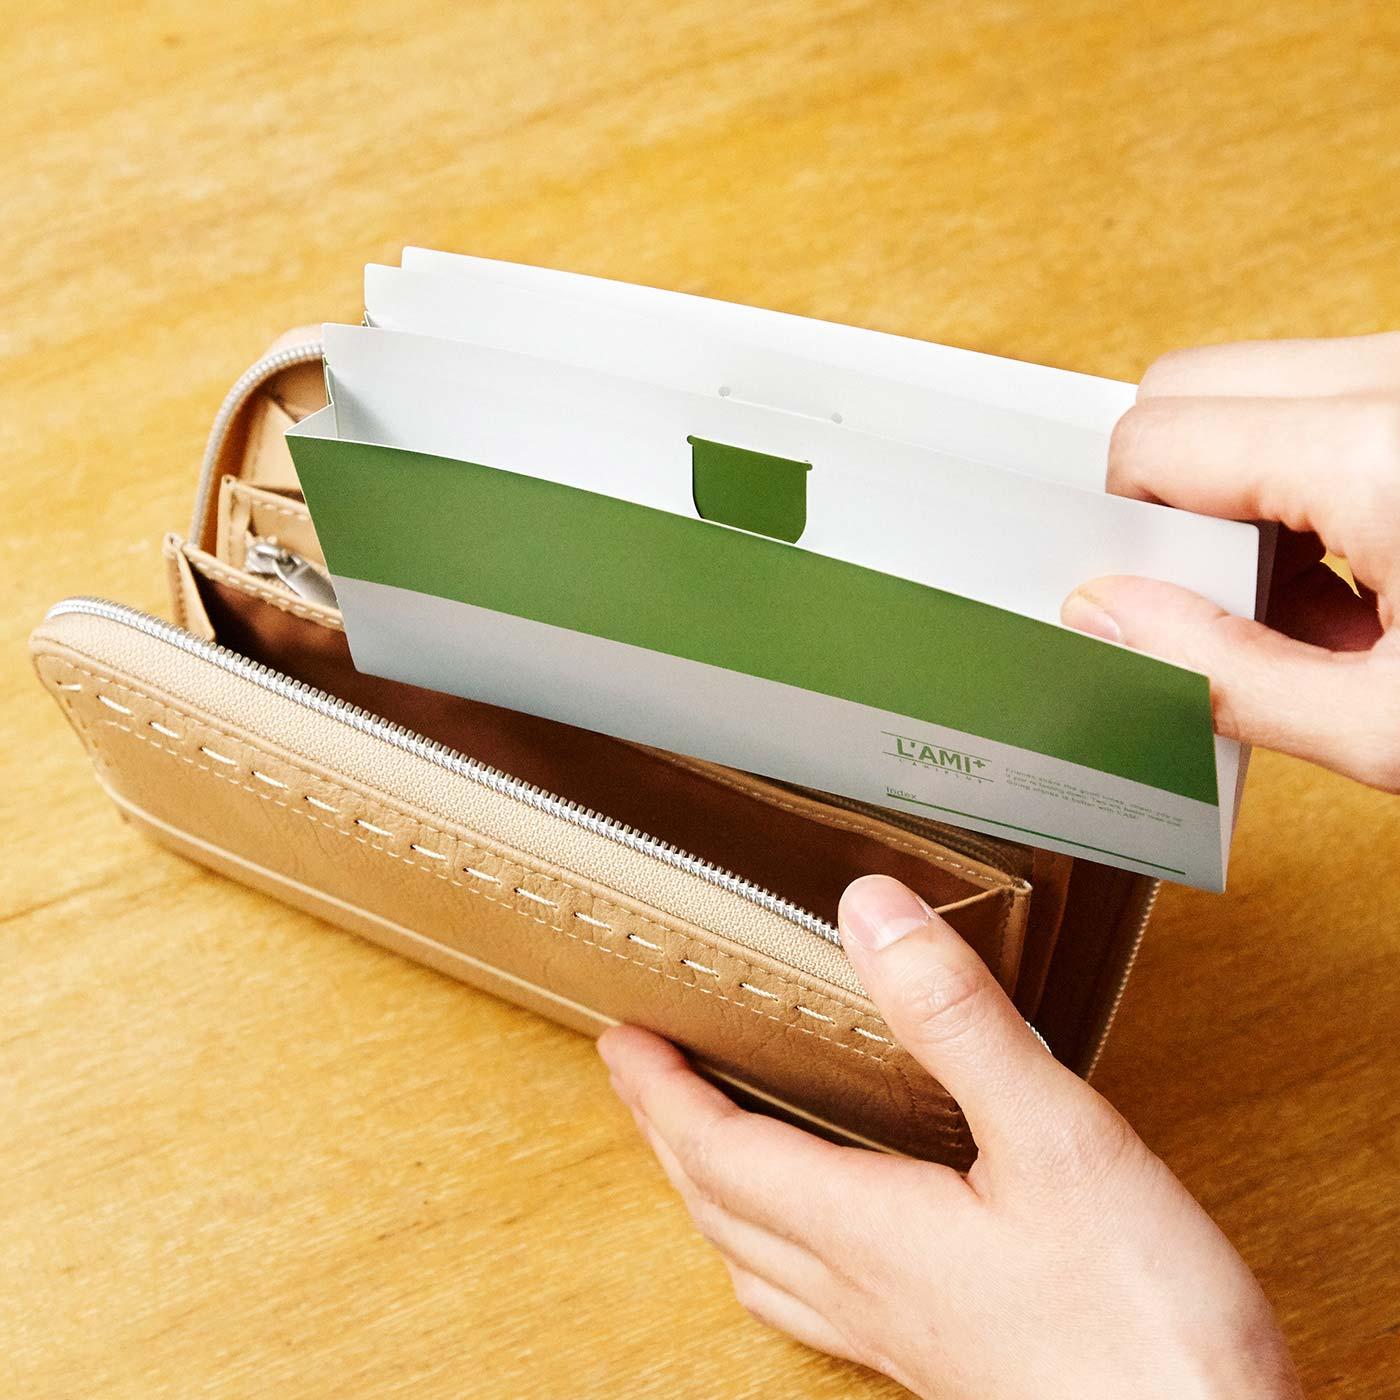 お手持ちの財布にインするだけ! 好きな数だけ連結できます。